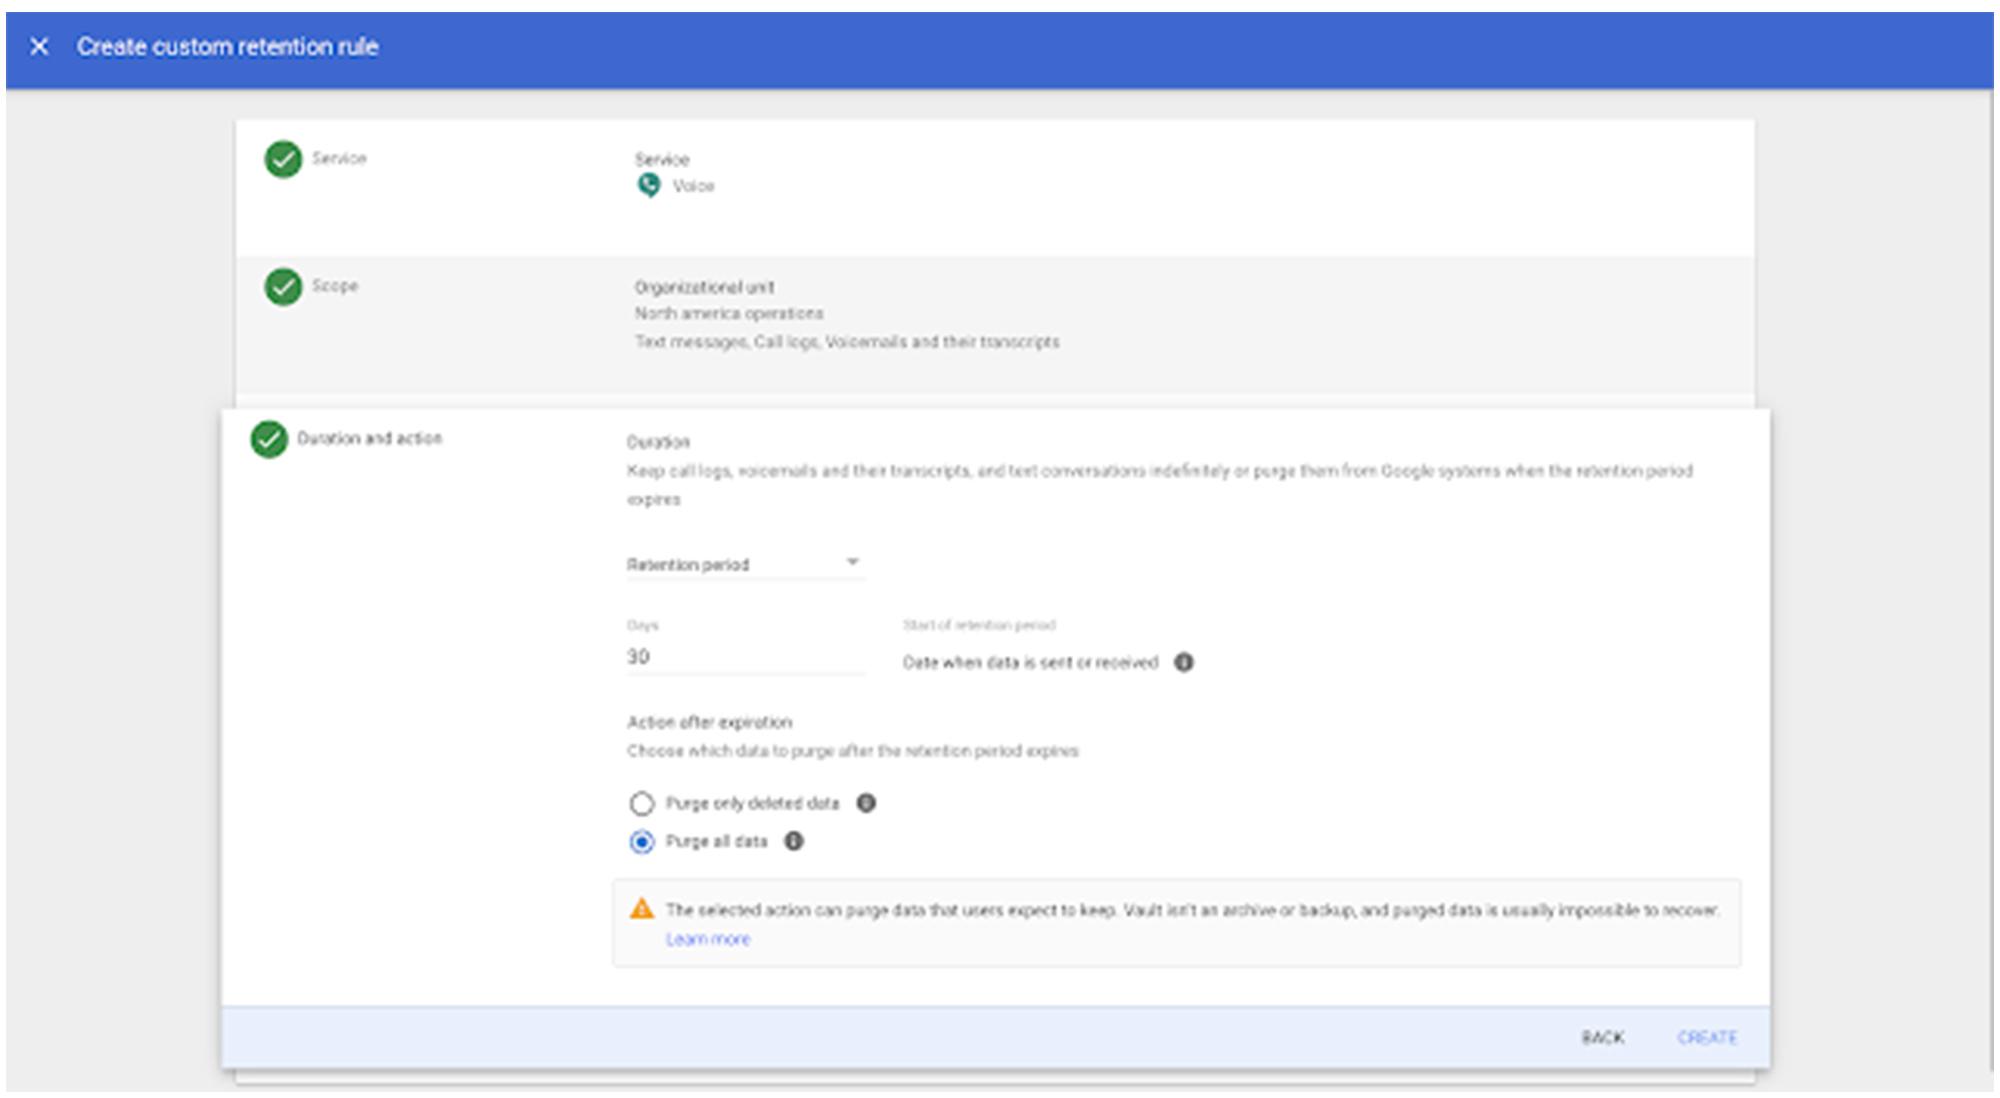 custom retention rule for Google Voice.jpg